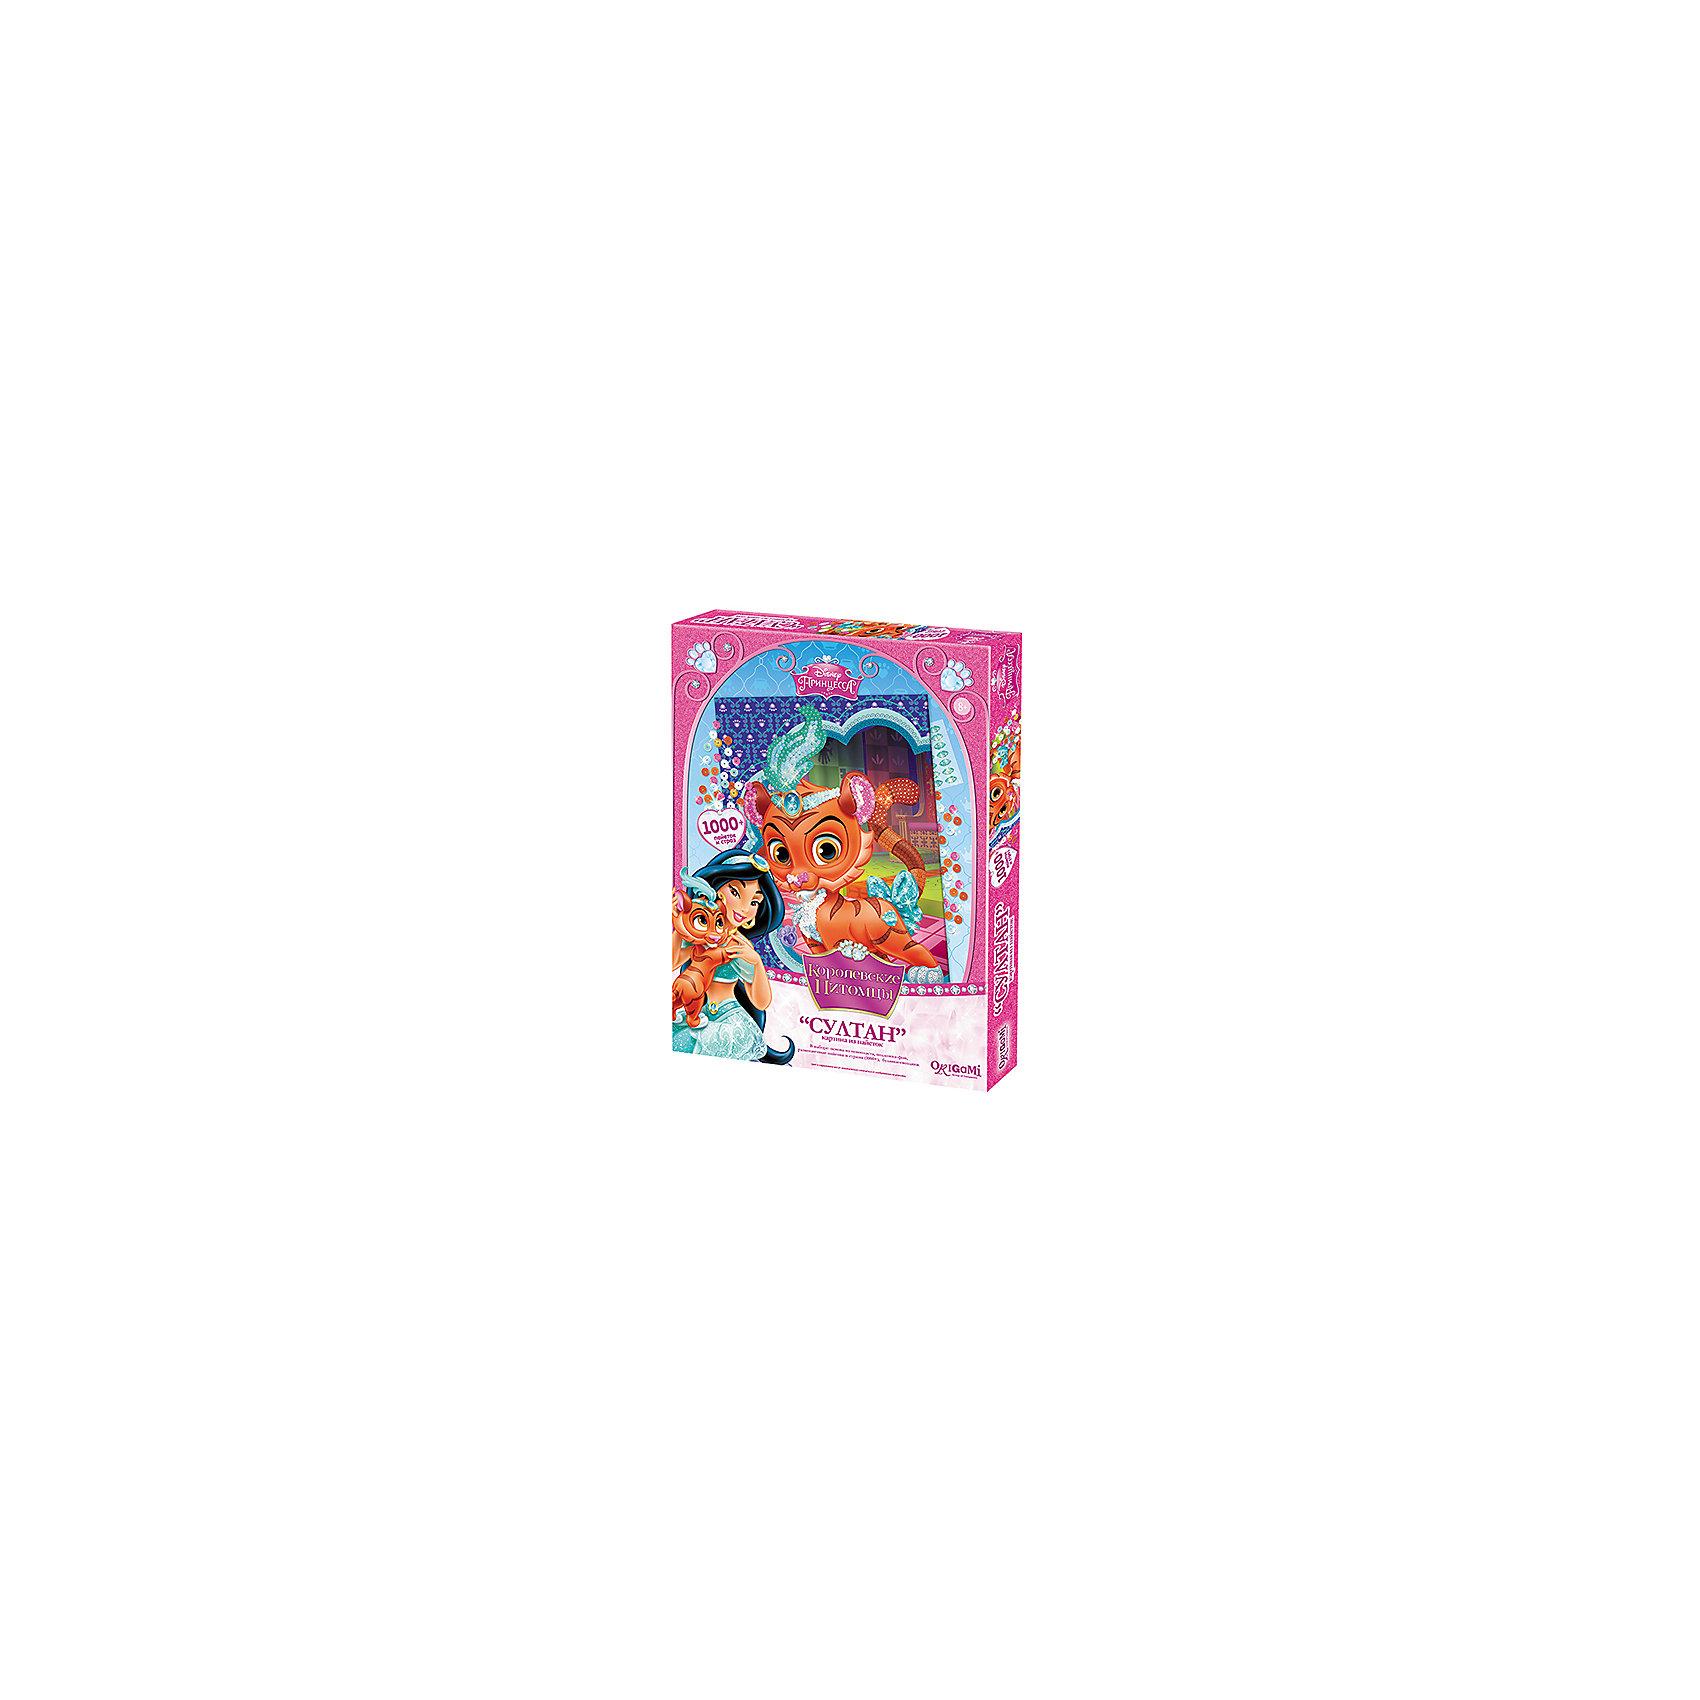 Картина из пайеток Султан, Принцессы ДиснейБумага<br>Картина из пайеток Султан, Принцессы Дисней - увлекательный набор для детского творчества, который поможет Вашему ребенку без ножниц и клея сделать красивую картинку. Техника выполнения проста и не представляет сложностей: в комплект уже входит готовая картинка-фон, нужно лишь аккуратно закрепить детали в виде страз и пайеток с помощью булавок-гвоздиков согласно инструкции. Итогом работы станет сверкающая картинка с изображением симпатичного тигренка Султана - питомца принцессы Жасмин из популярного диснеевского мультфильма Аладдин. Готовая картинка станет отличным украшением детской комнаты или подарком родным и друзьям. Набор развивает у ребенка цветовое восприятие, образно-логическое мышление и пространственное воображение, тренирует мелкую моторику.<br><br>Дополнительная информация:<br><br>- В комплекте: основа из пенопласта, подложка-фон, разноцветные пайетки и стразы (около 1000 шт.), булавки-гвоздики.<br>- Материал: картон. <br>- Размер картинки: 26,7 х 35,7 см.<br>- Размер упаковки: 28 x 18 x 4 см.<br>- Вес: 0,79 кг.<br><br>Картину из пайеток Султан, Принцессы Дисней, Чудо-творчество, можно купить в нашем интернет-магазине.<br><br>Ширина мм: 150<br>Глубина мм: 30<br>Высота мм: 200<br>Вес г: 790<br>Возраст от месяцев: 72<br>Возраст до месяцев: 120<br>Пол: Женский<br>Возраст: Детский<br>SKU: 4530676